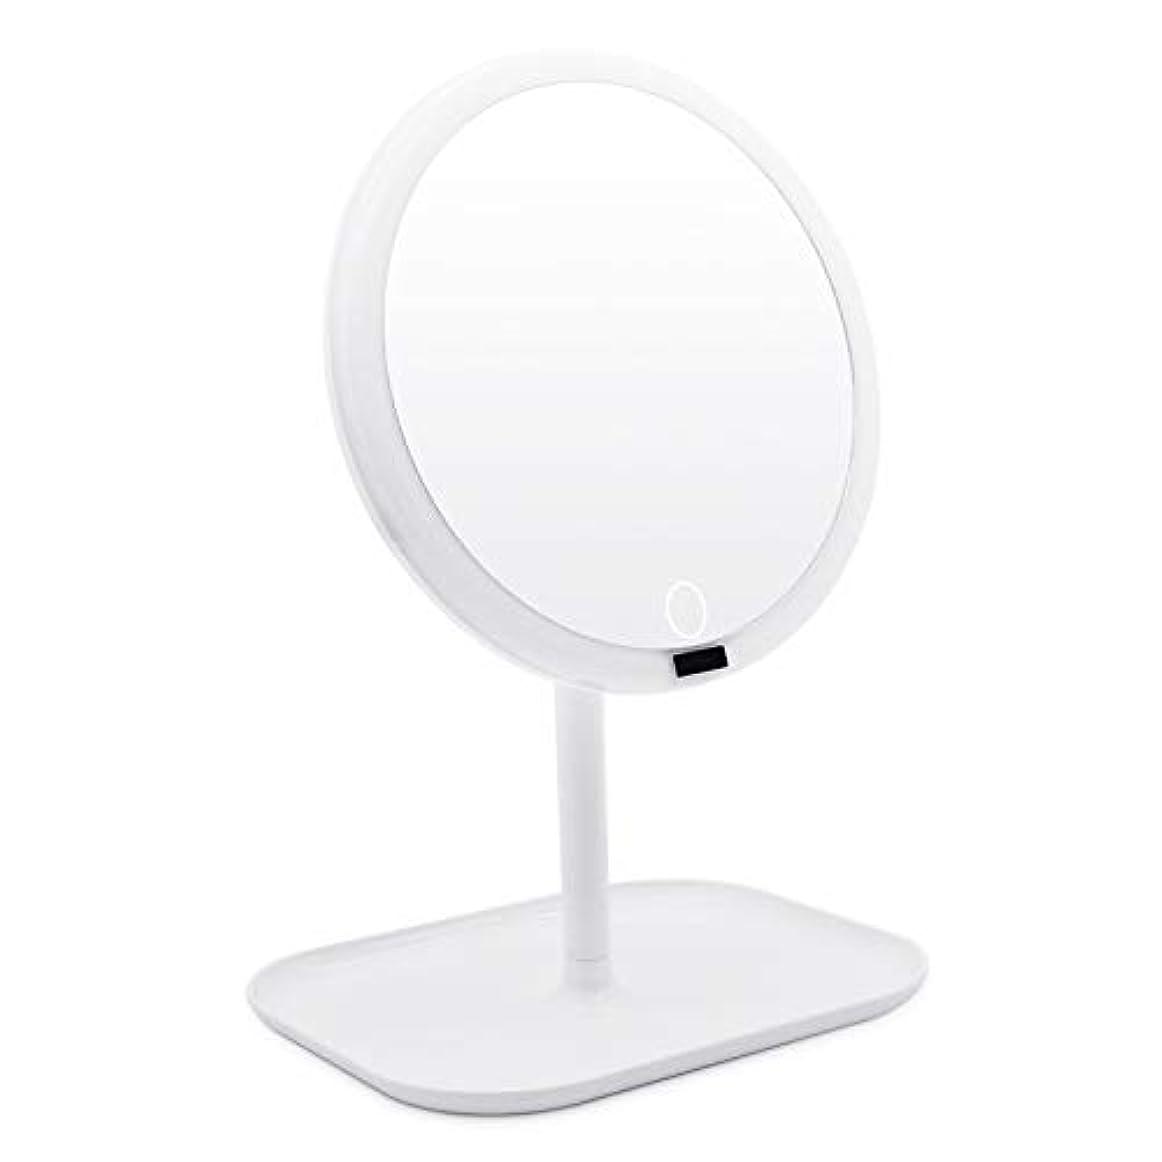 食料品店予測子侮辱AMZTOLIFE 化粧鏡 鏡 卓上 卓上ミラー 女優ミラー スタンドミラー「ledライト付き 人感センサー搭載 無階段明るさ調節可能 360度回転 USB充電式」直径20.3cm 日本語取扱説明書付き (ホワイト)